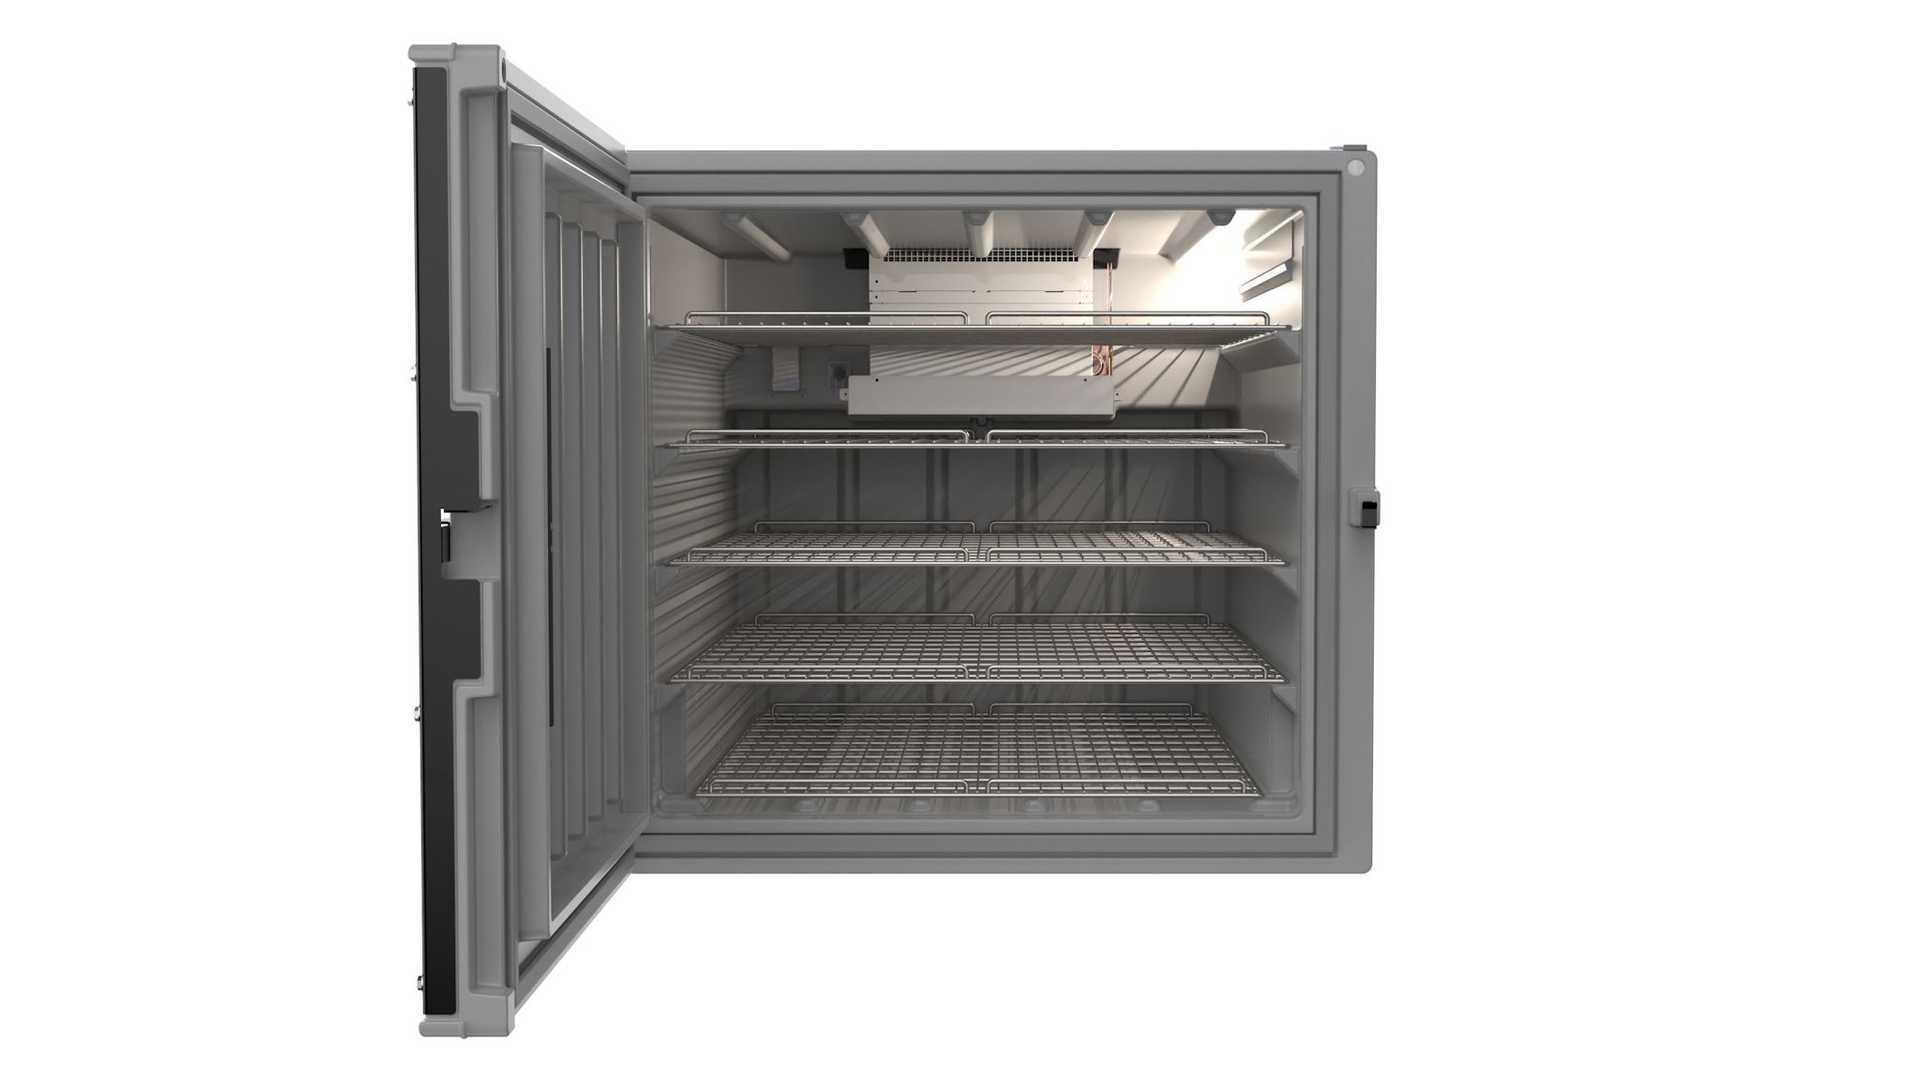 Холодильник на 396 литров для перевозки вакцины против коронавируса